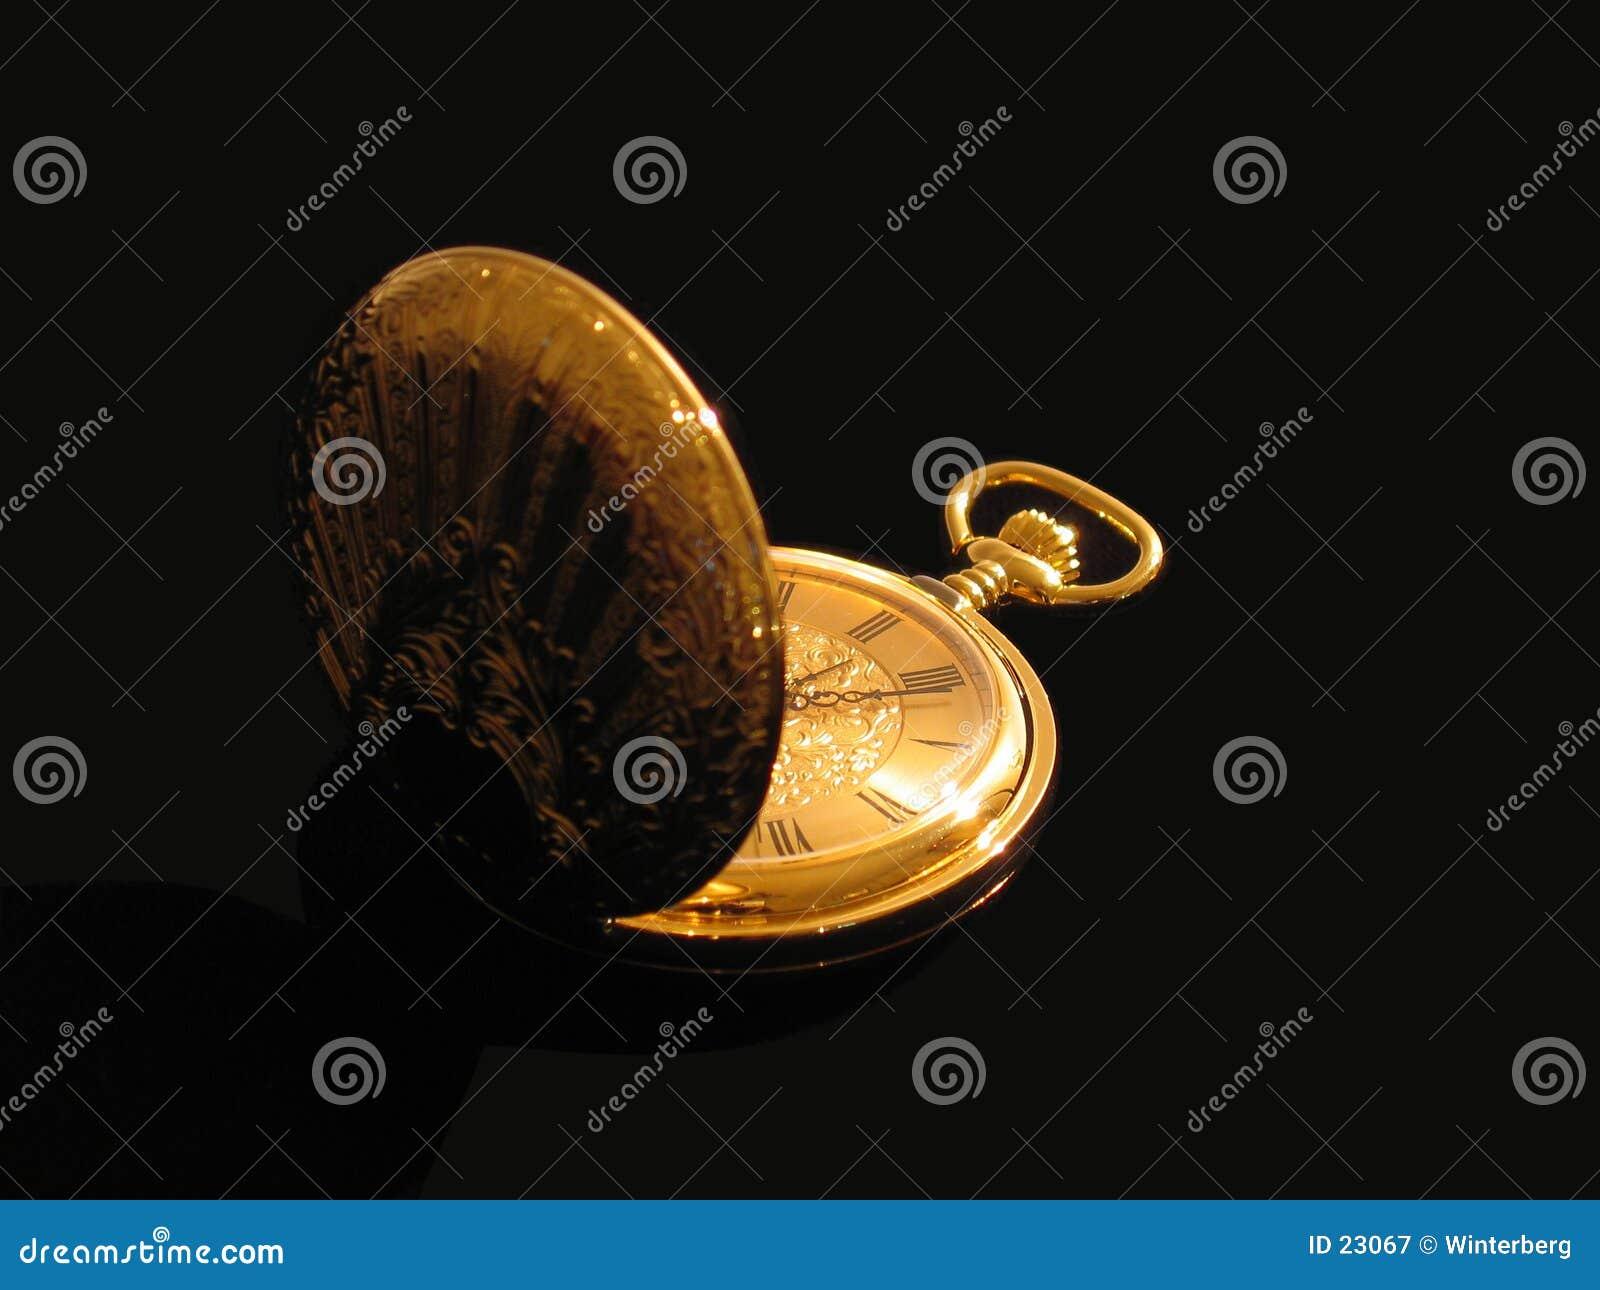 Relógio de bolso dourado